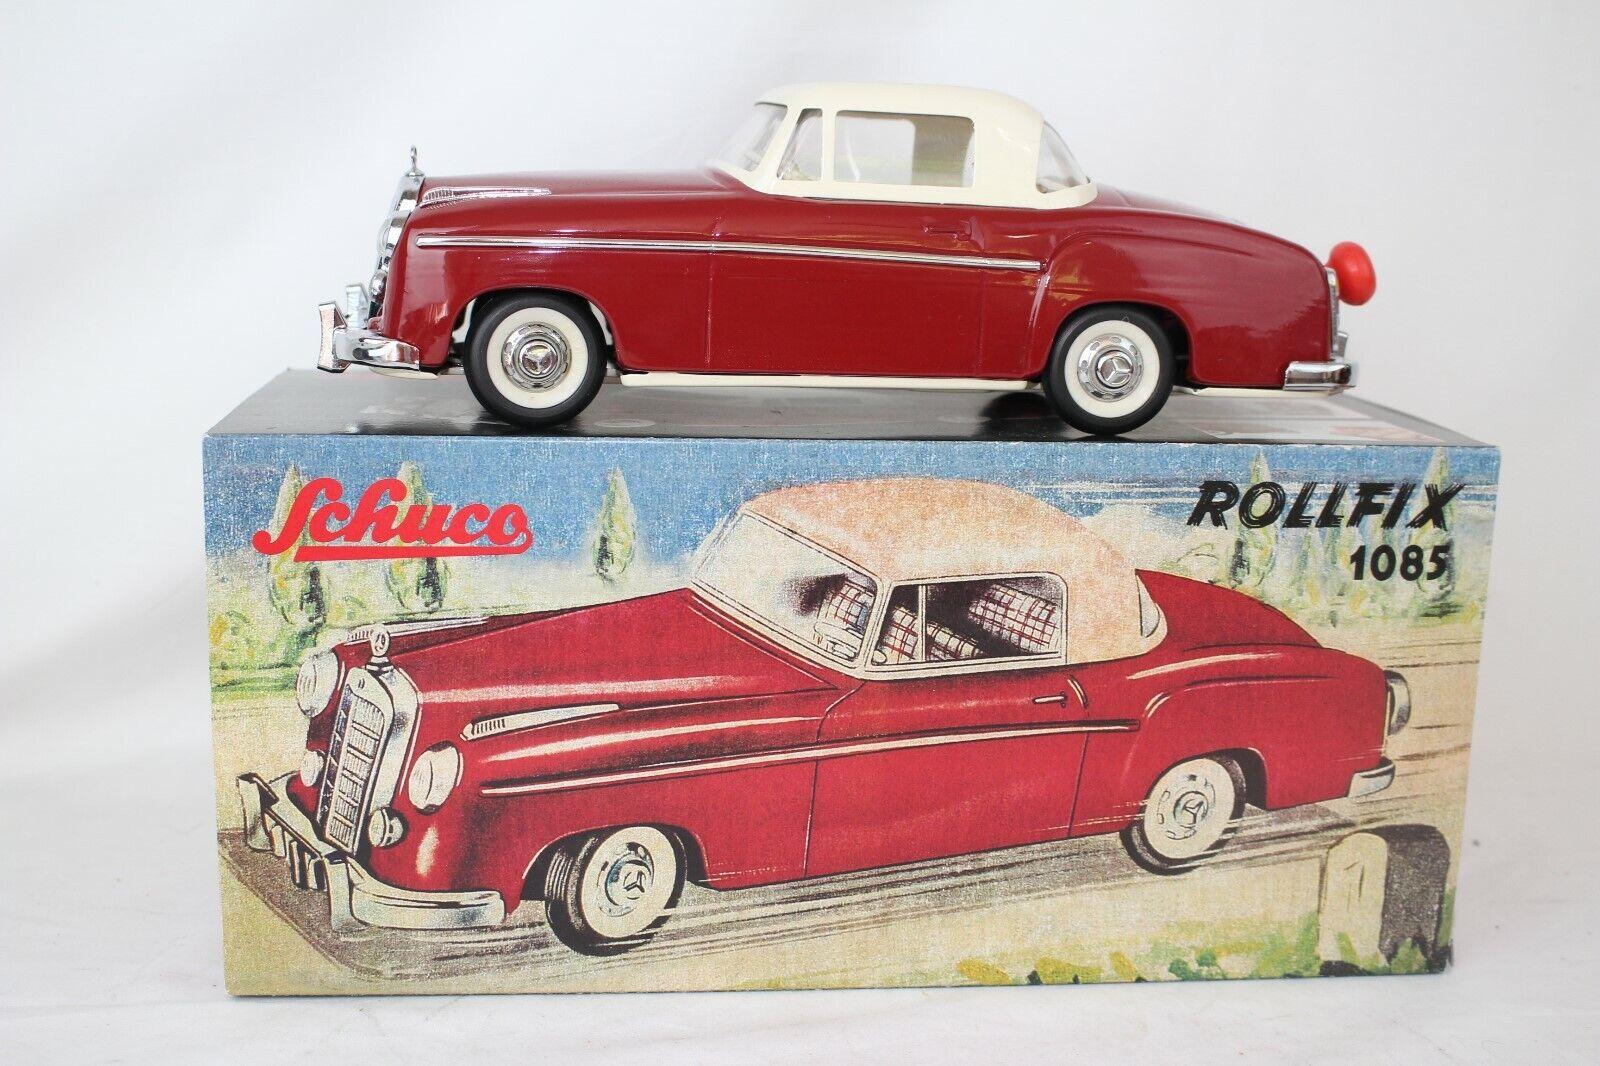 Schuco Juguetes Rollfix 1085 , 597ms Mercedes Benz 220 Se Caja Original